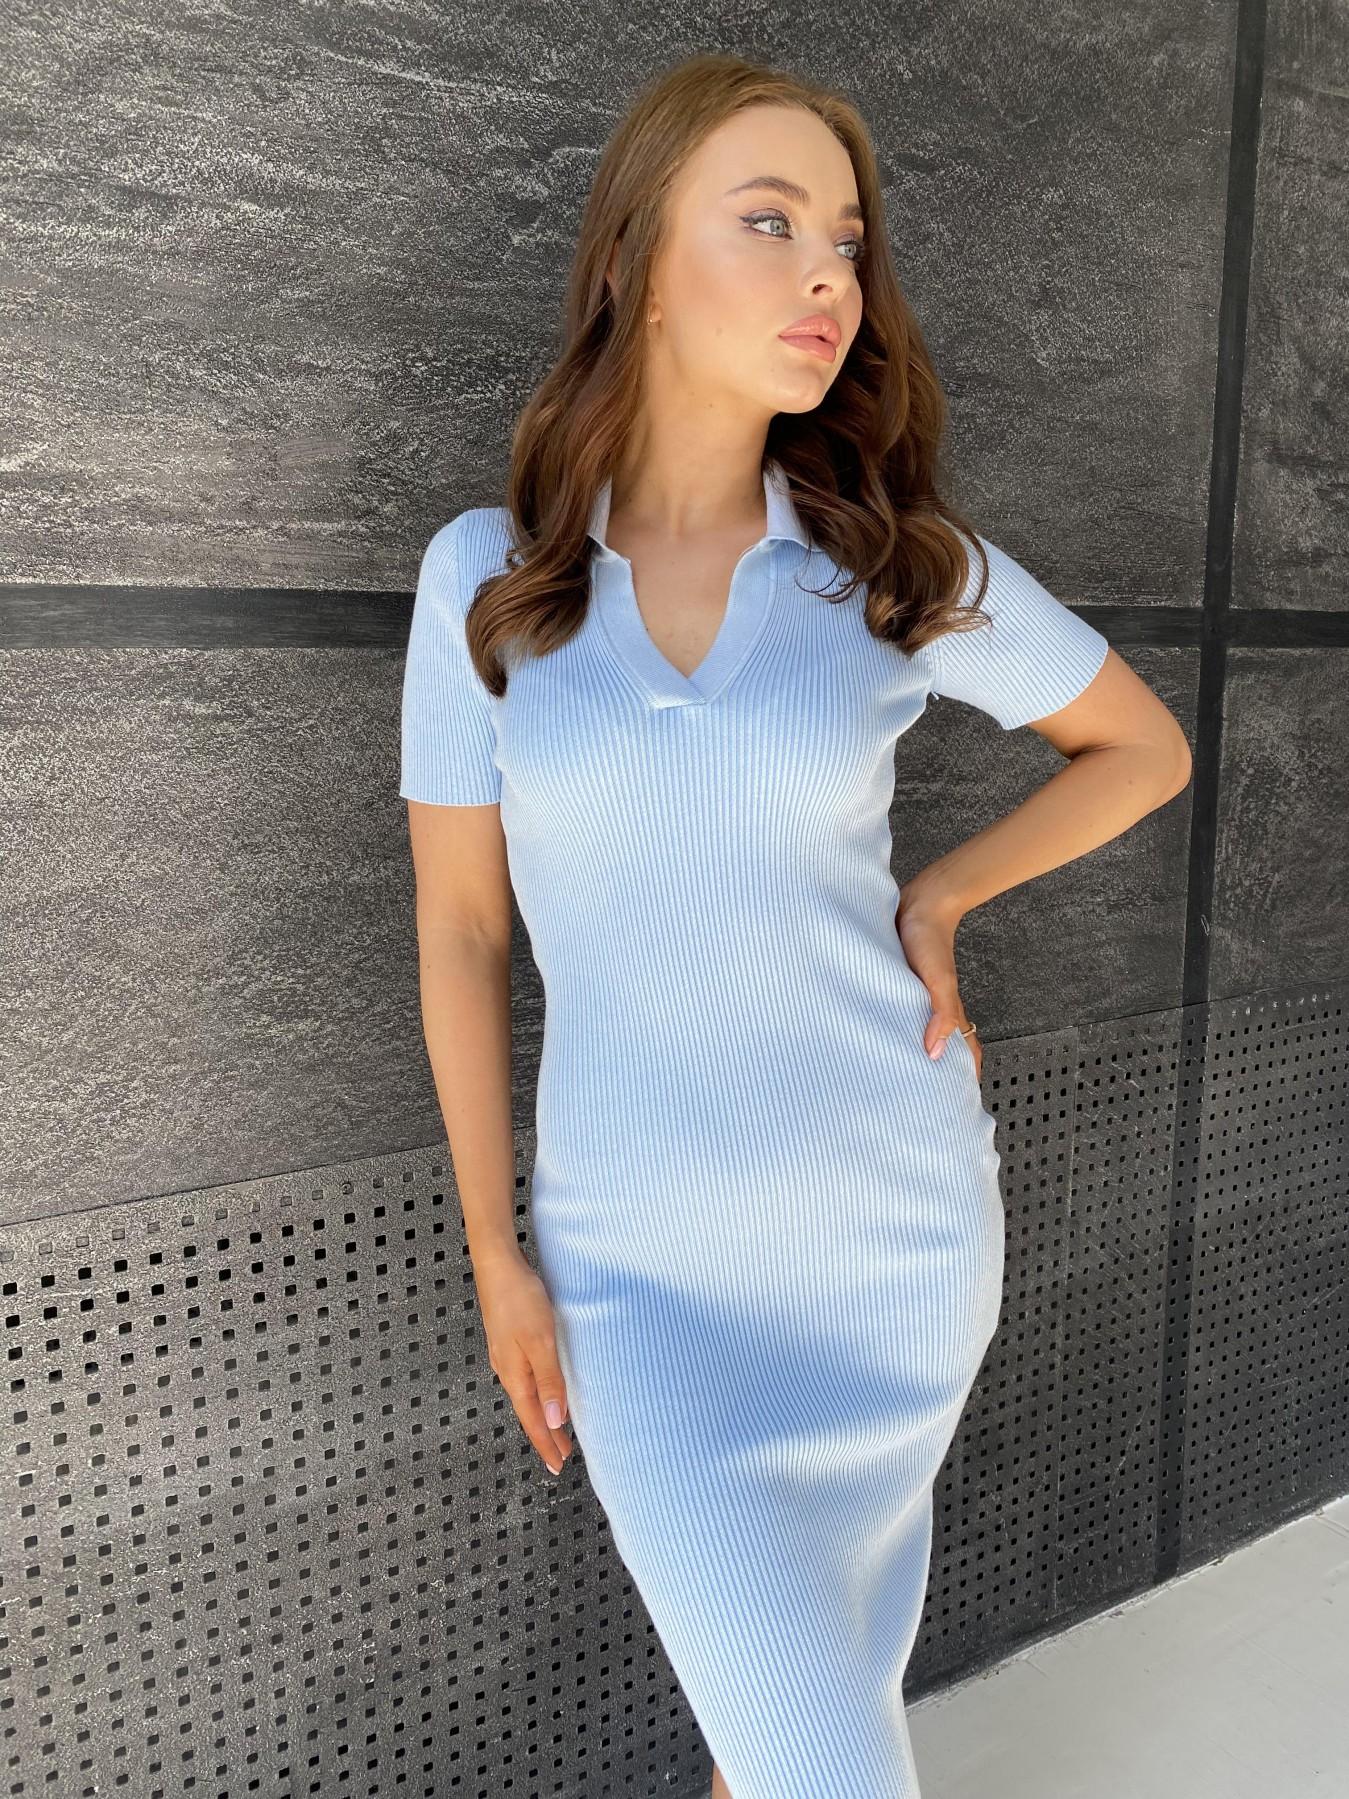 Платье воротник 91688 АРТ. 48067 Цвет: Голубой меланж - фото 7, интернет магазин tm-modus.ru